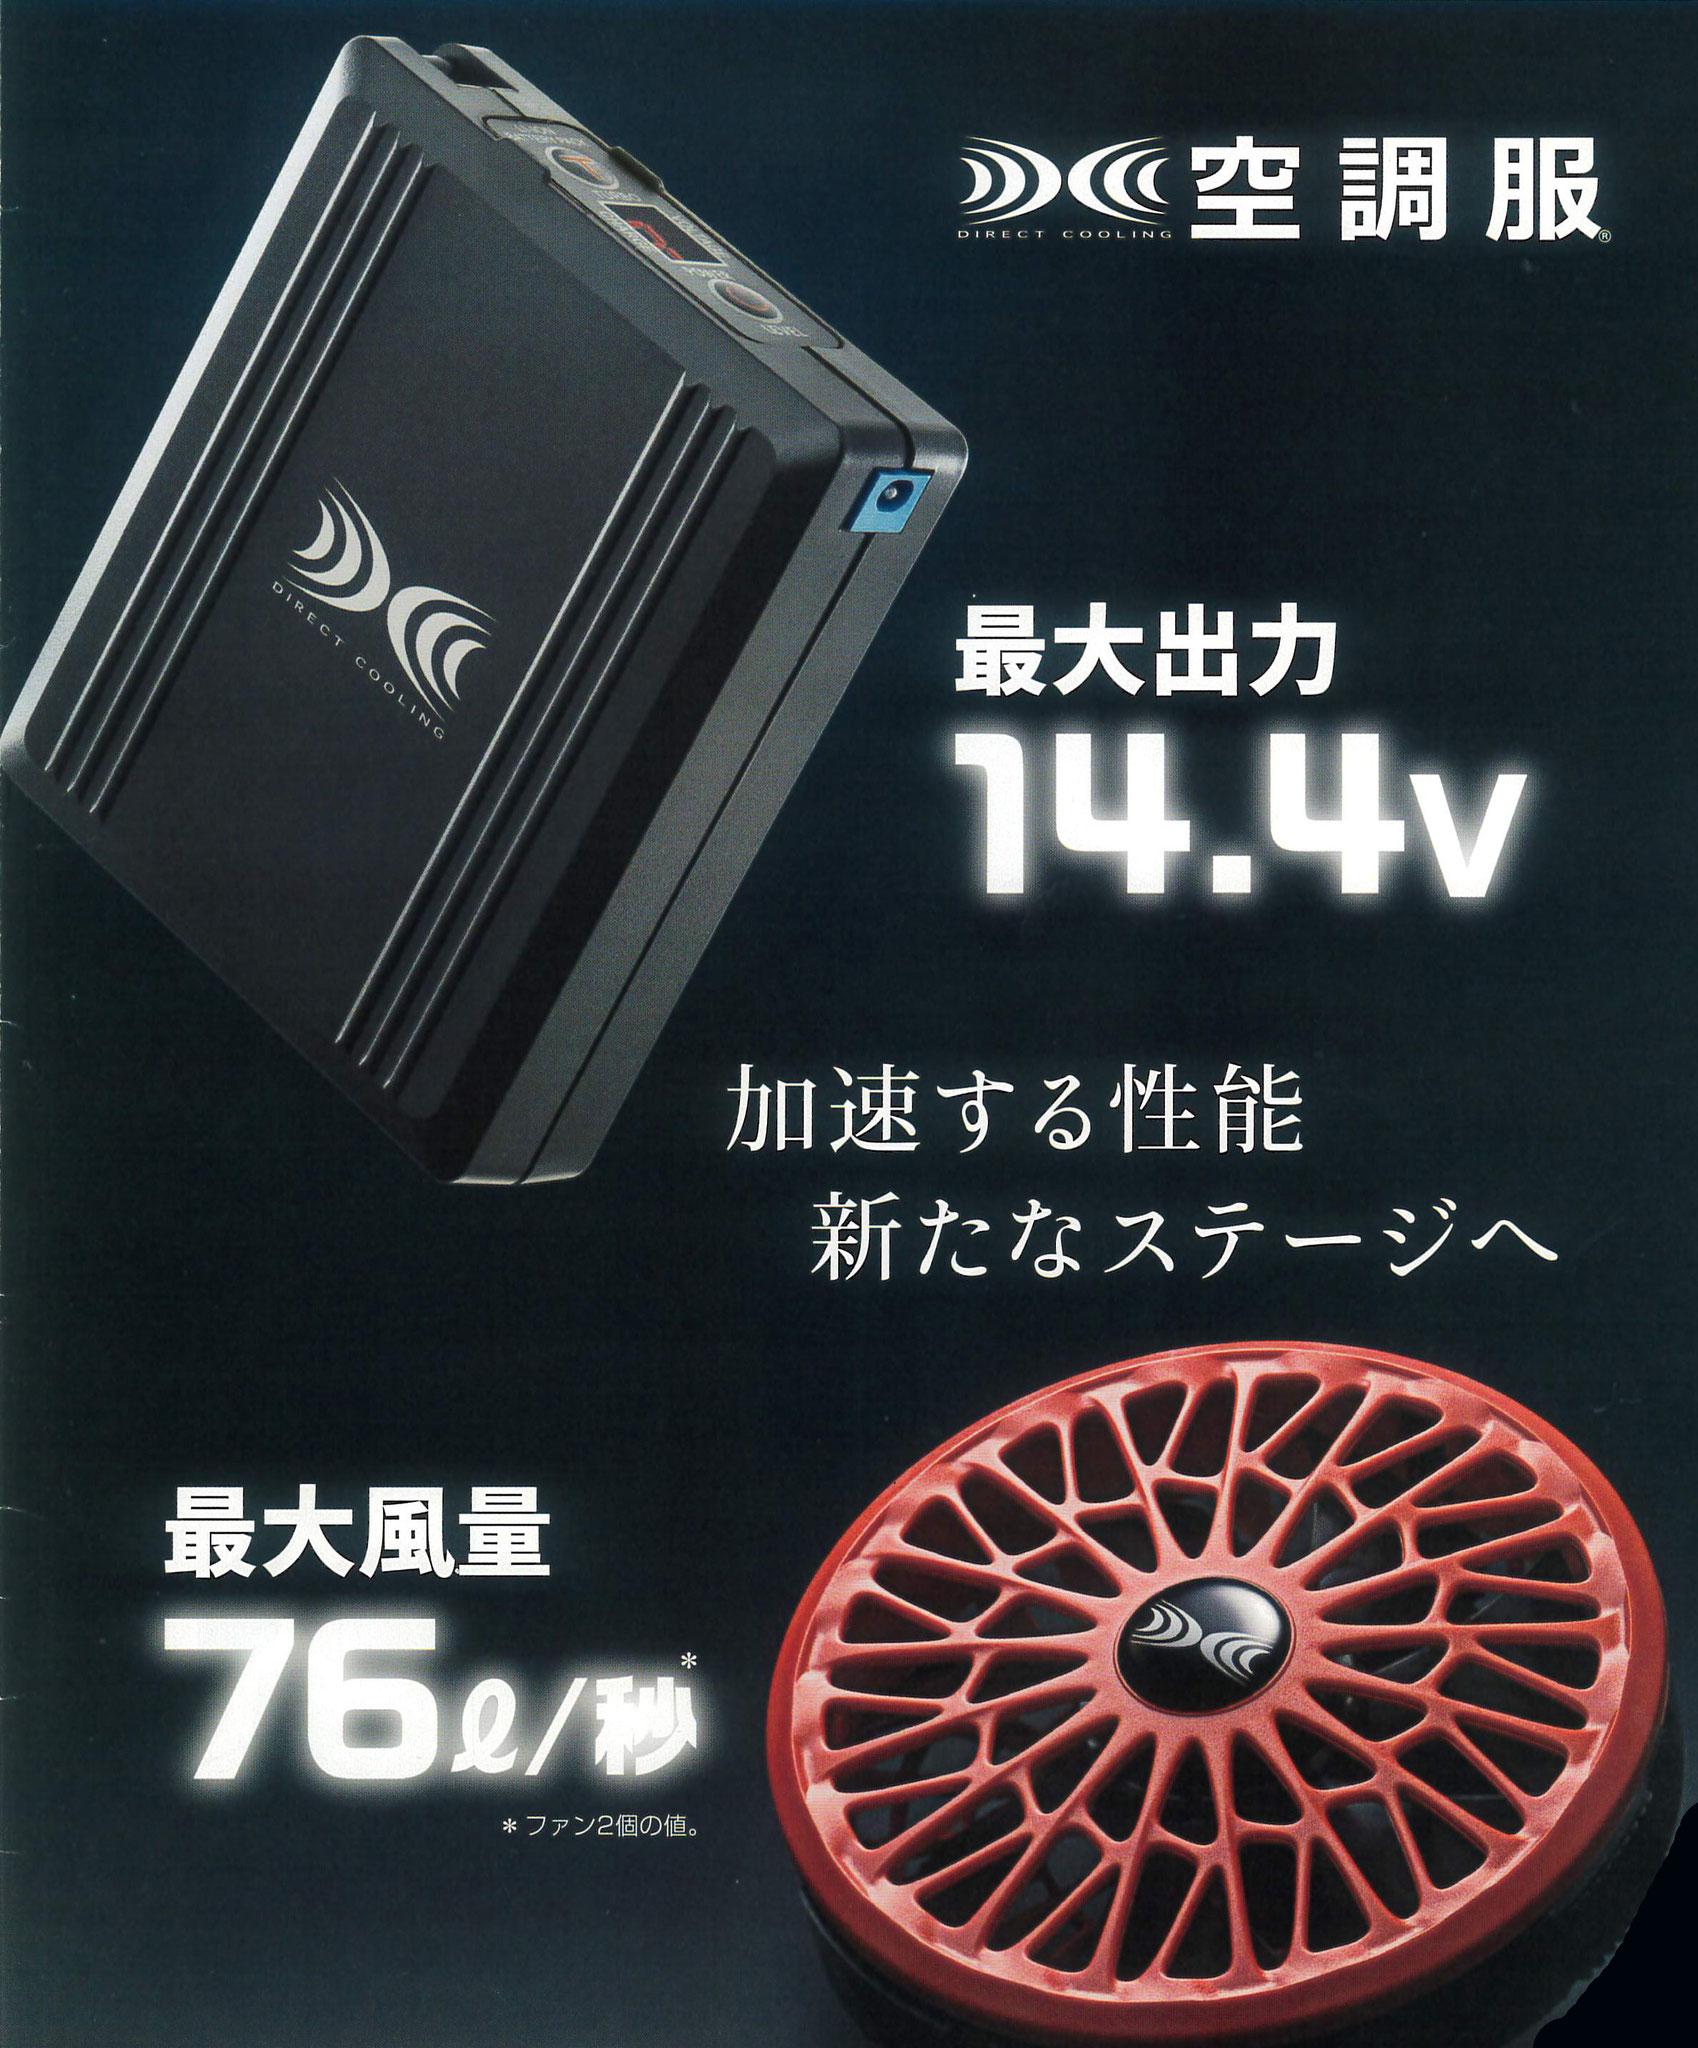 (株)空調服  14.4V 空調機器 ¥17,840(税込)